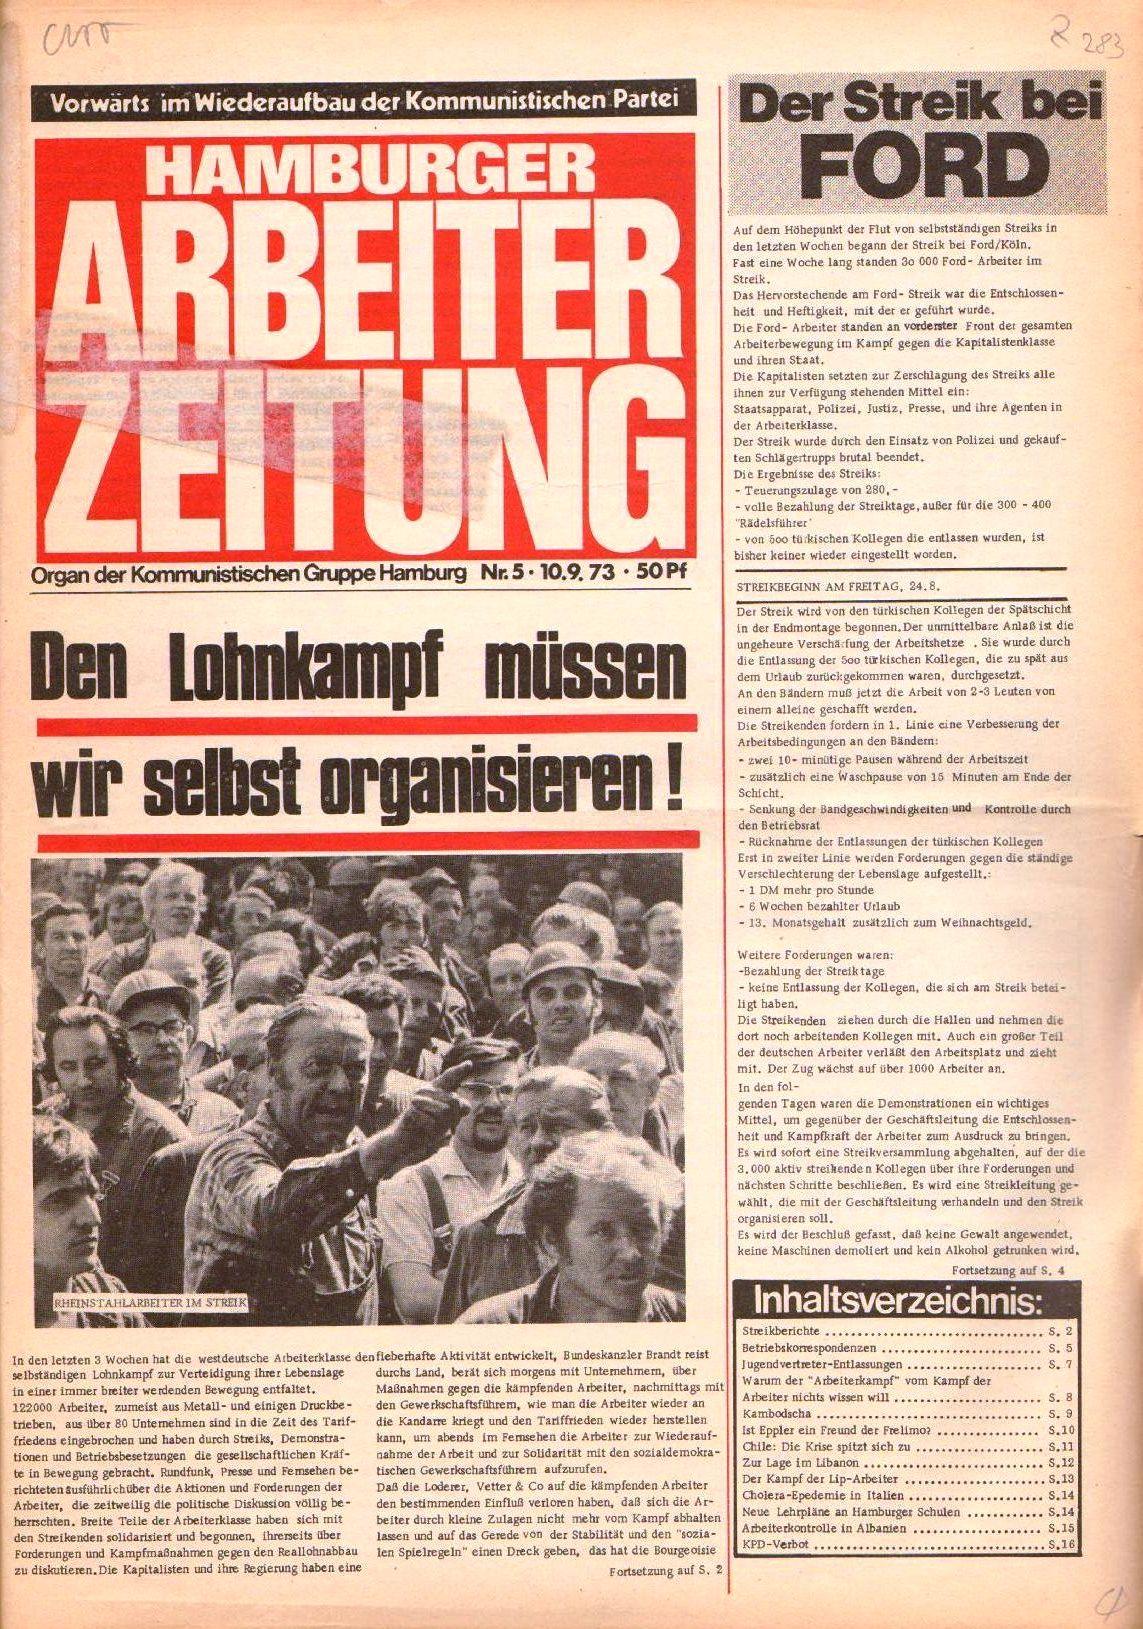 Hamburger_Arbeiterzeitung077